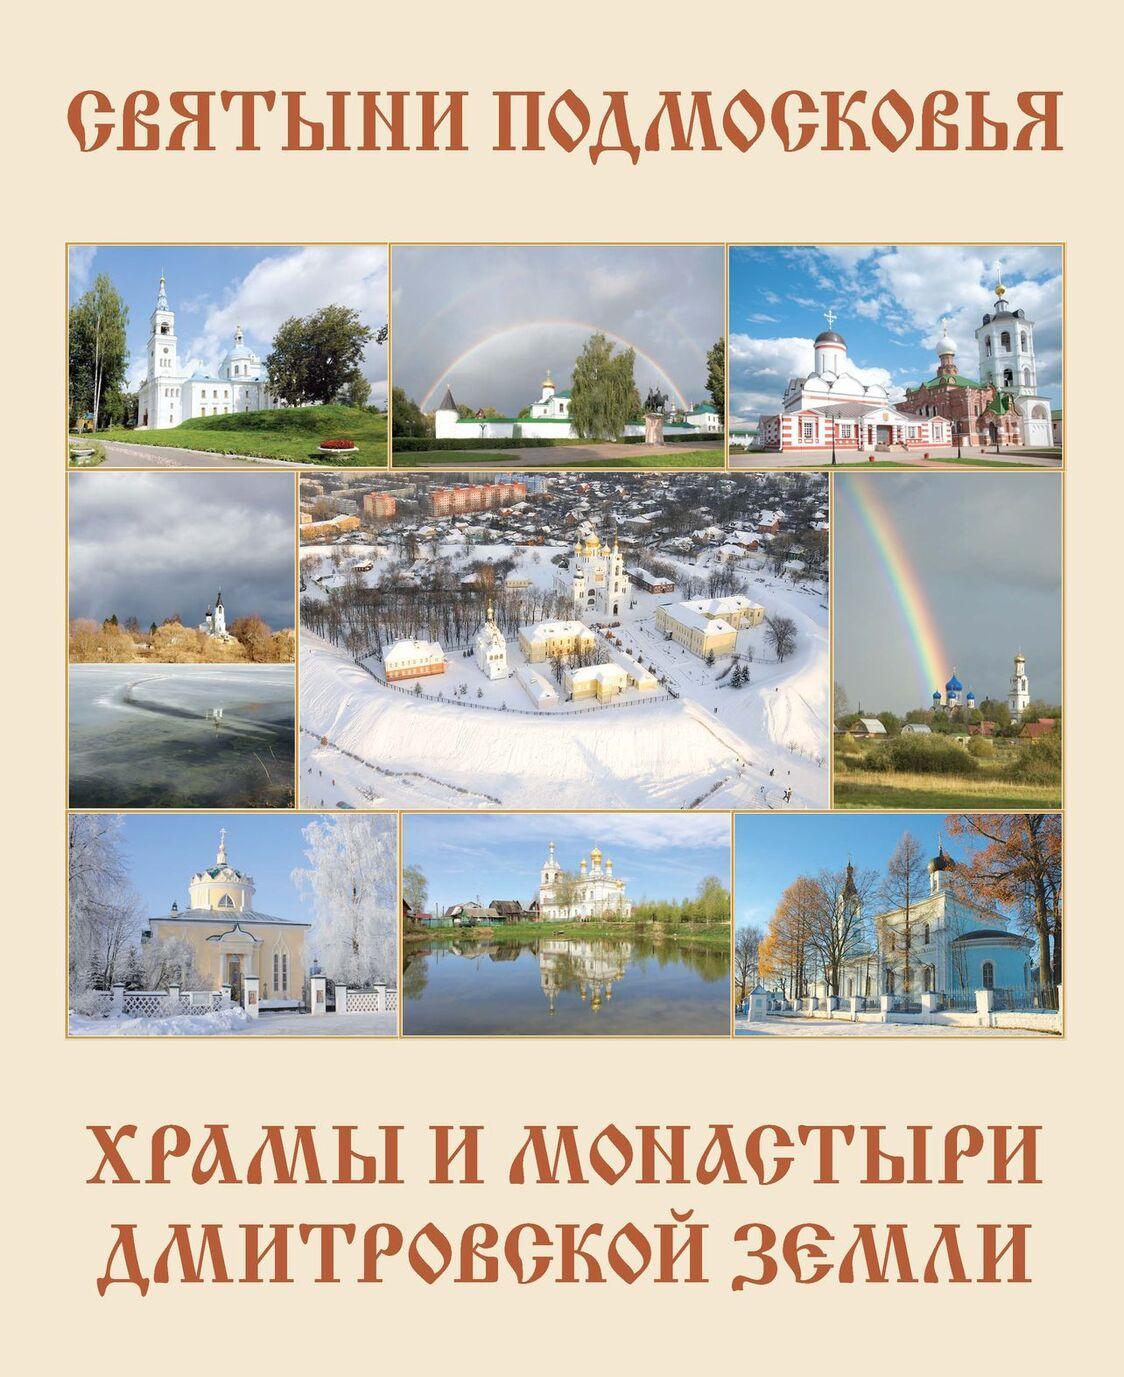 Khramy i monastyri Dmitrovskoj zemli